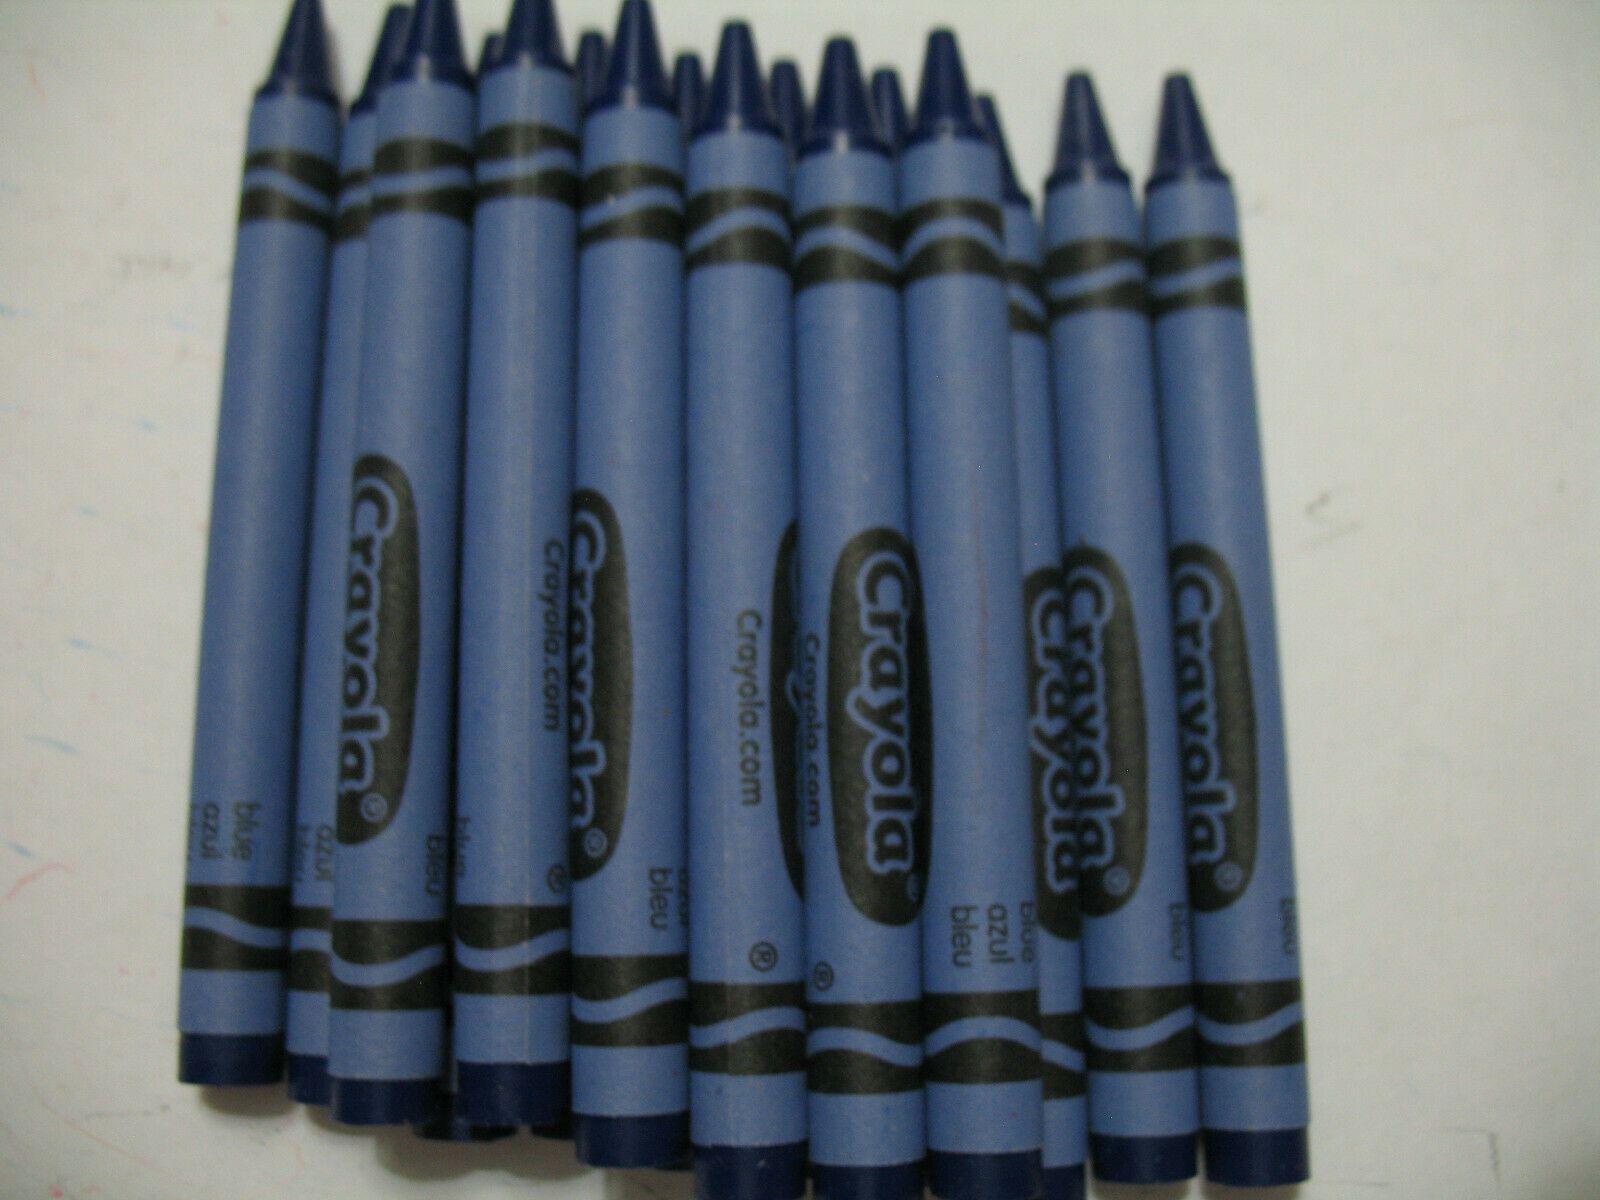 16 Crayola Crayons